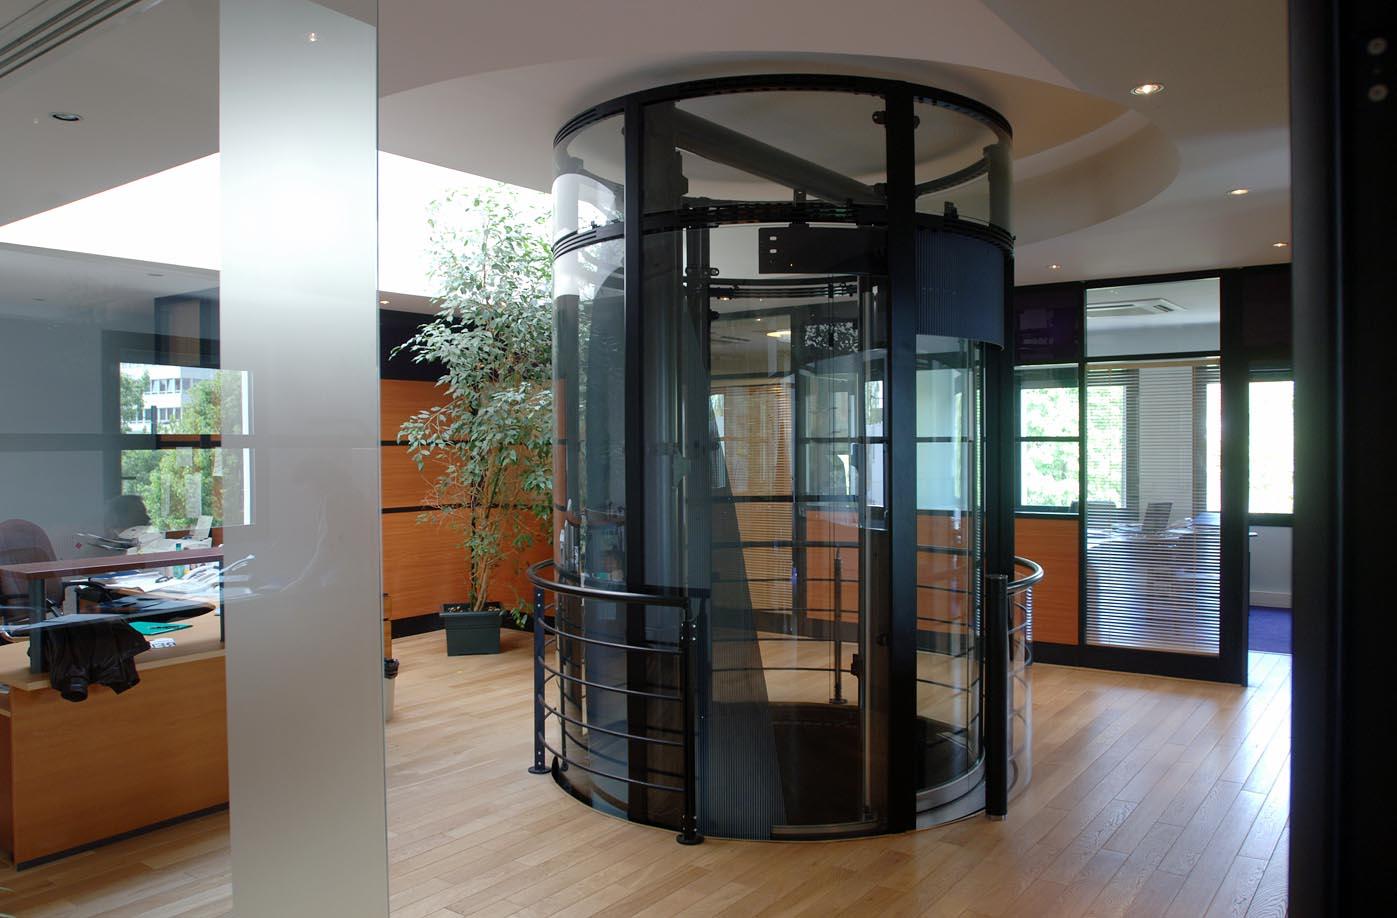 Syndics et administrateurs de biens : que faire lorsqu'une panne d'ascenseur vous est signalée ?